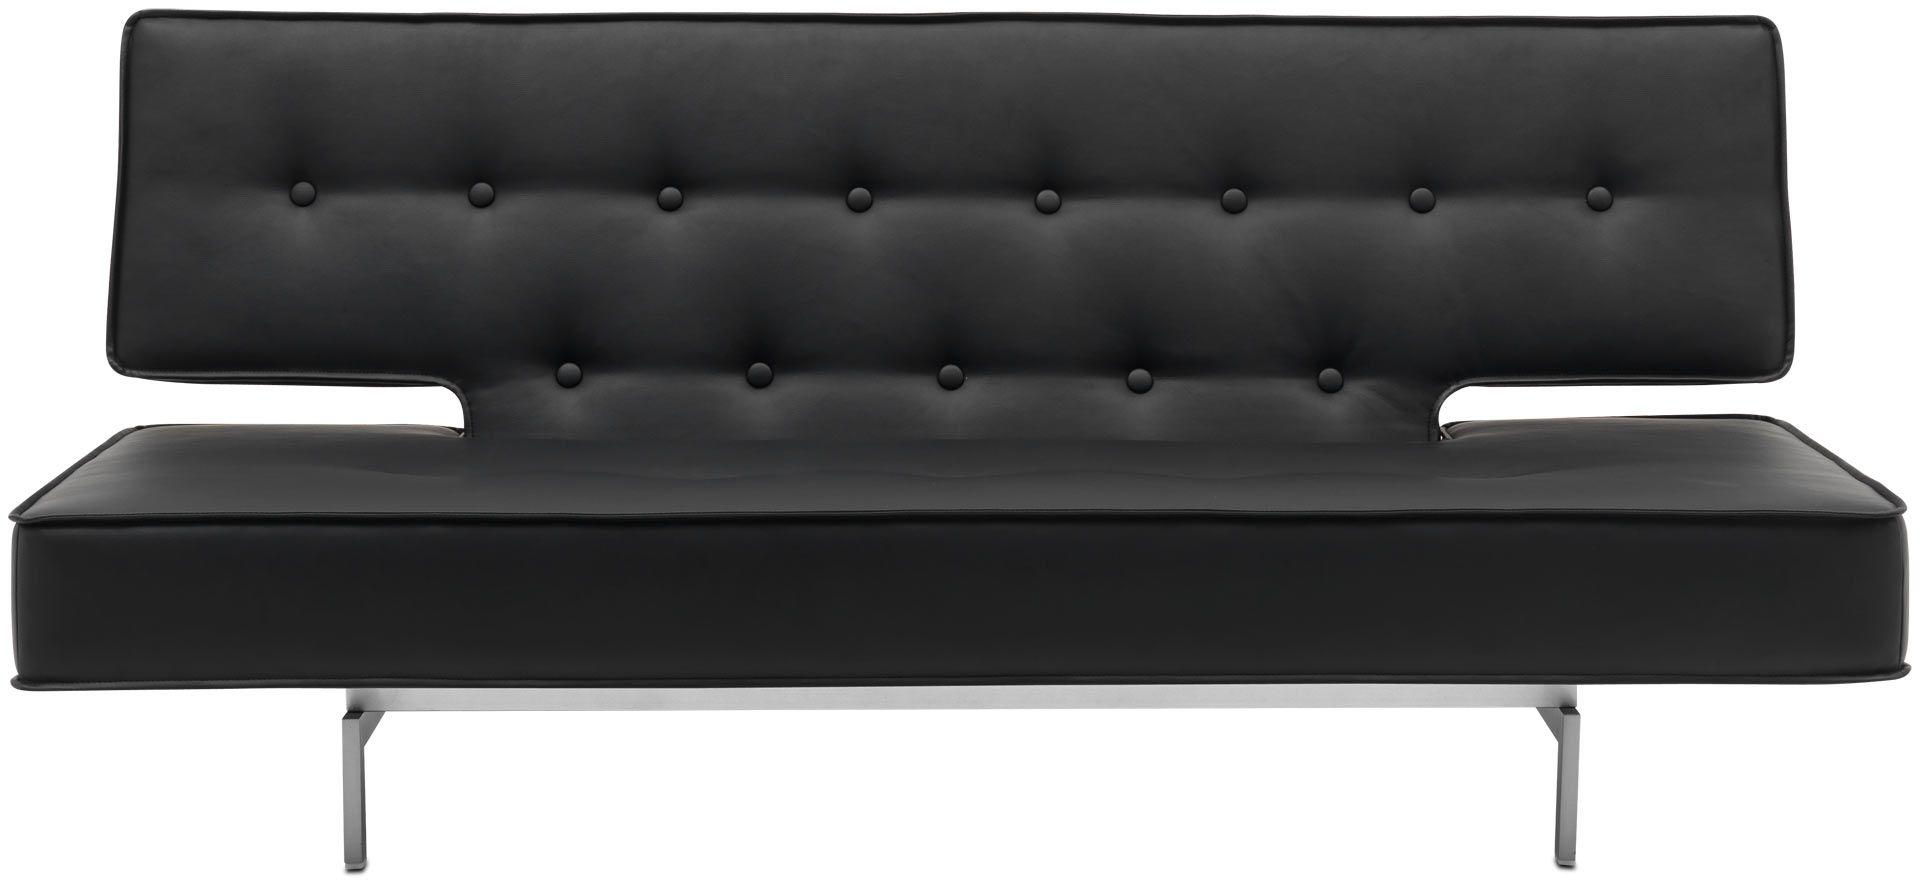 Modern Sofa Beds Contemporary Sofa Beds BoConcept 1395 are